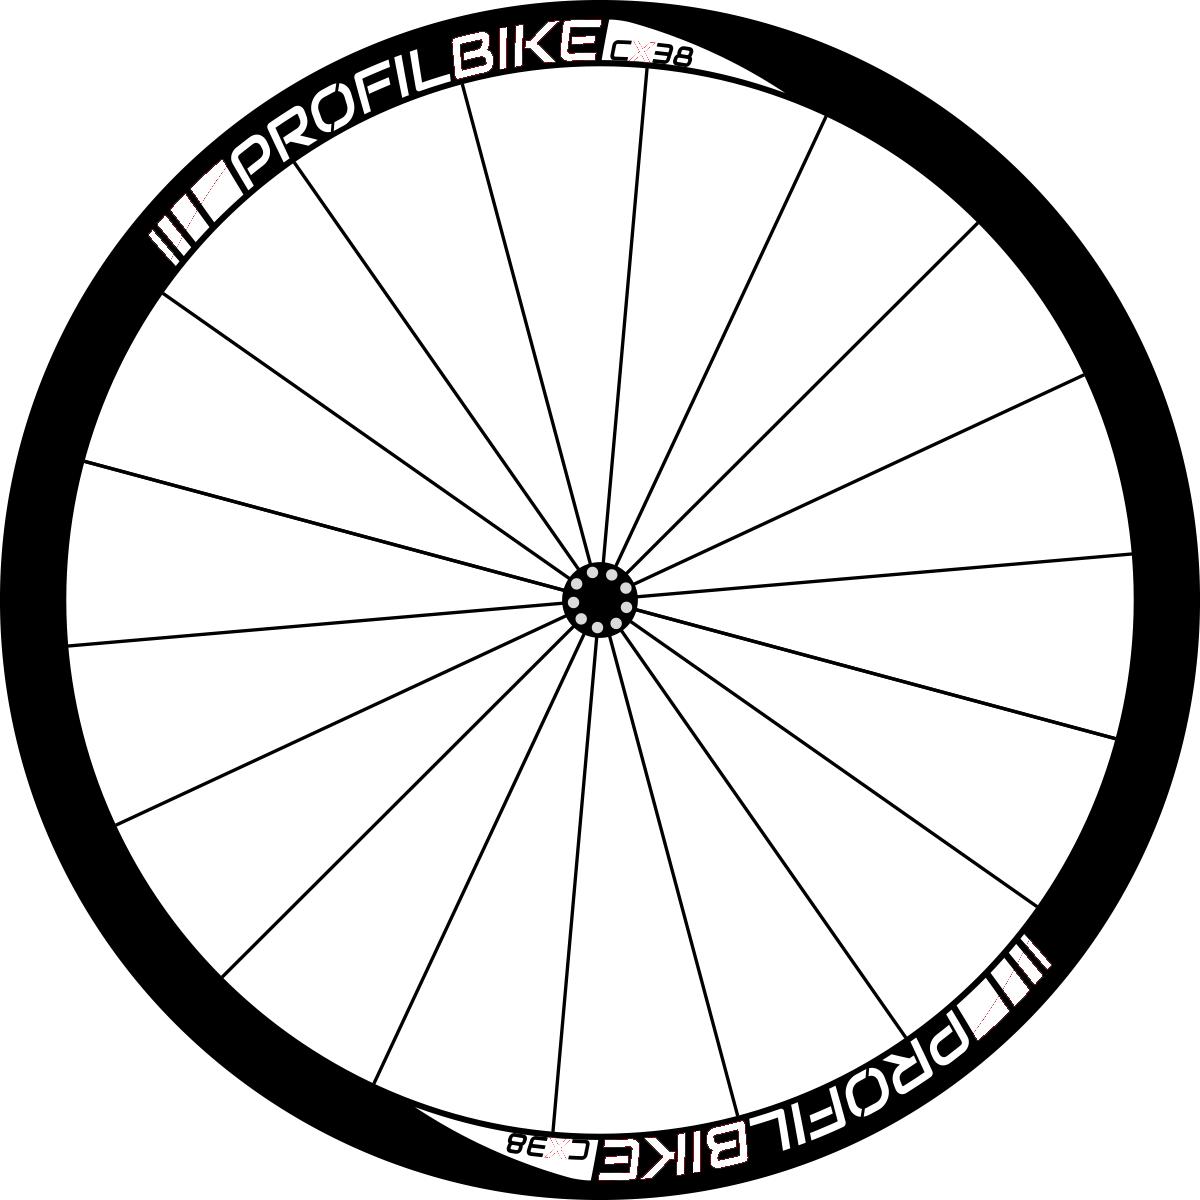 Profilbike CX38 CARBON DISC design personnalisé